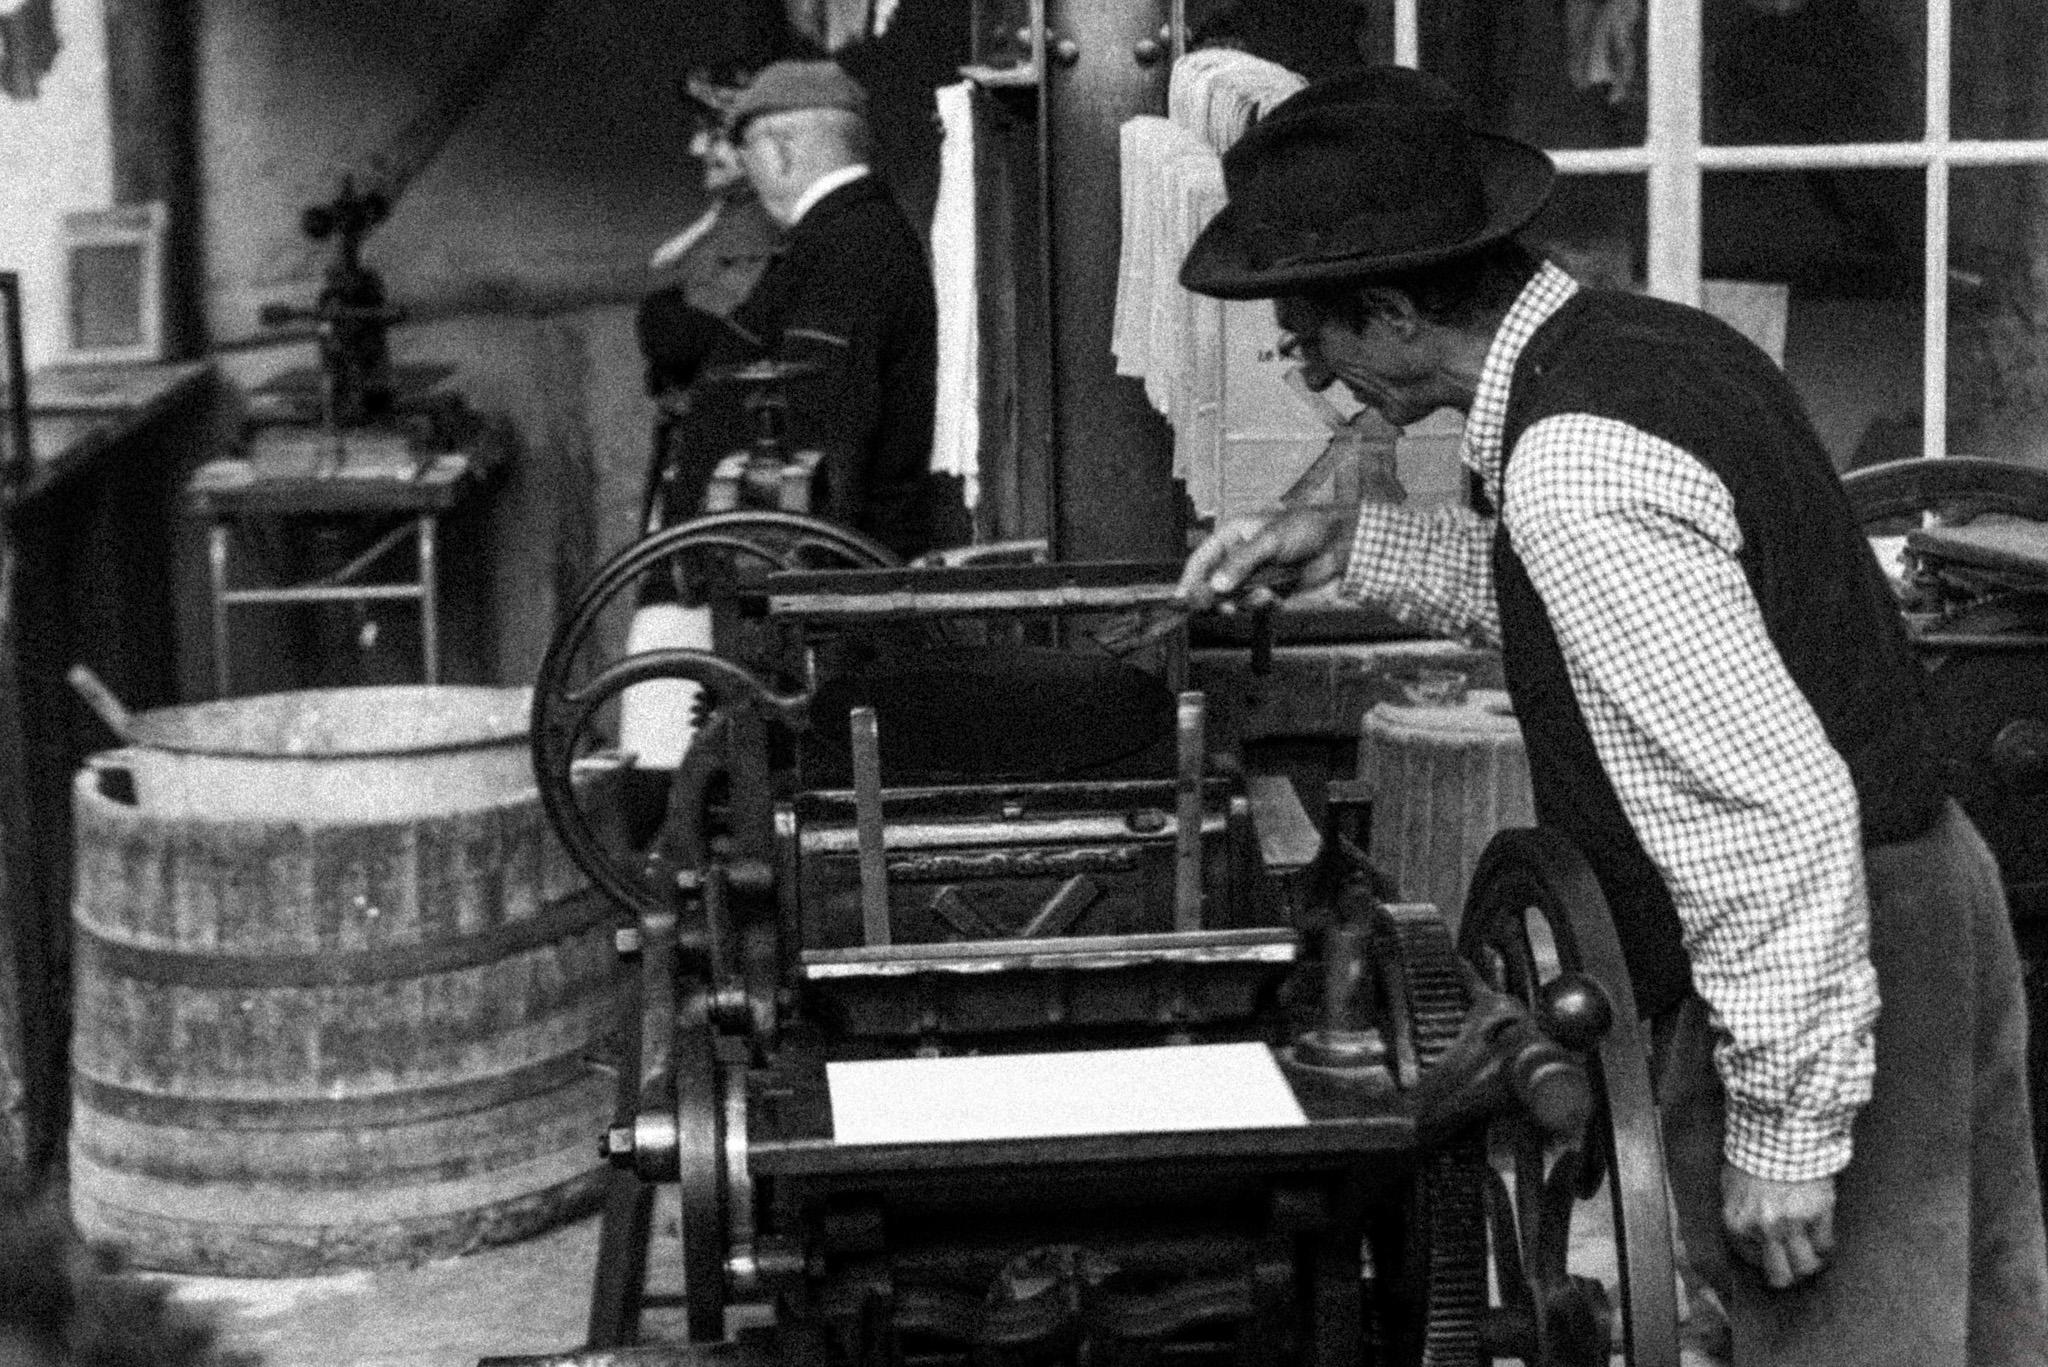 Photographe Reportage Illustration Reims, shooting photo des vieux Métiers, Vieux métiers d'imprimeur, artisanale et manuel